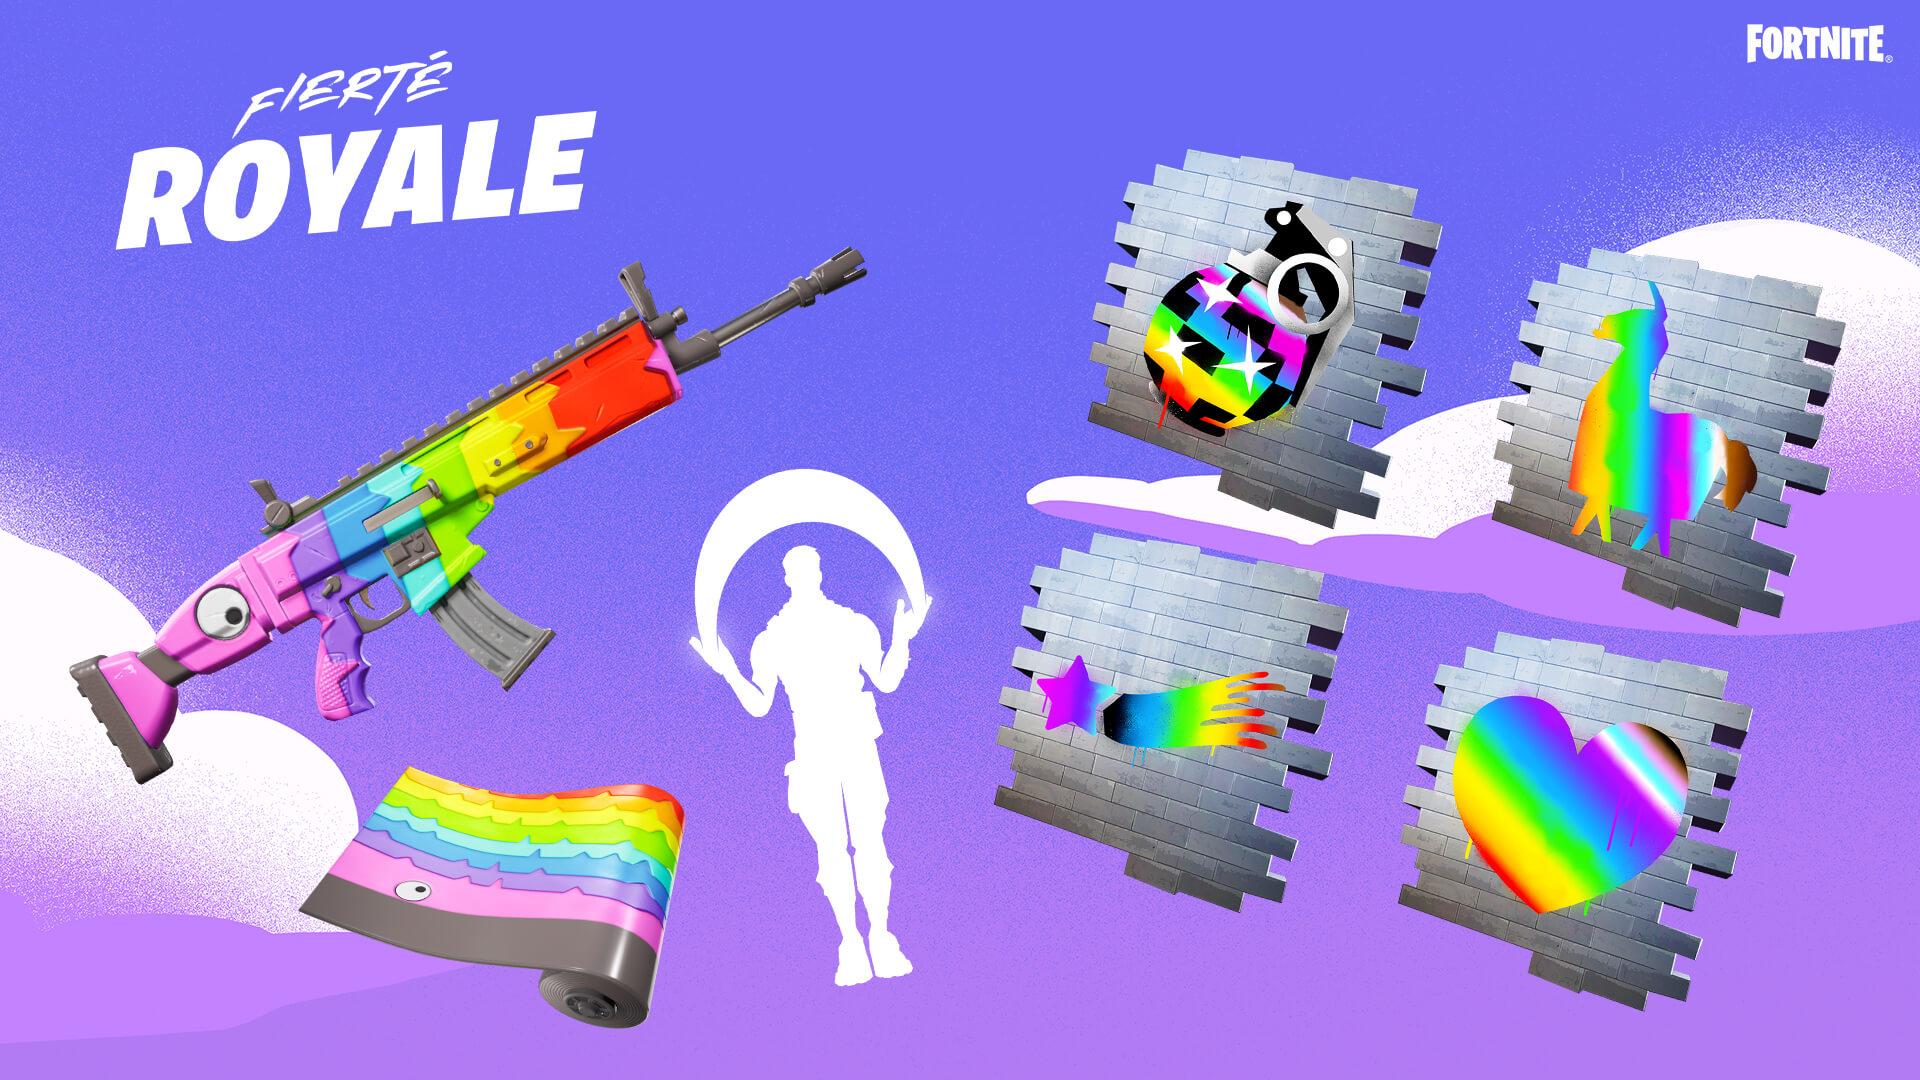 FR 17BR RainbowRoyale Rewards Social